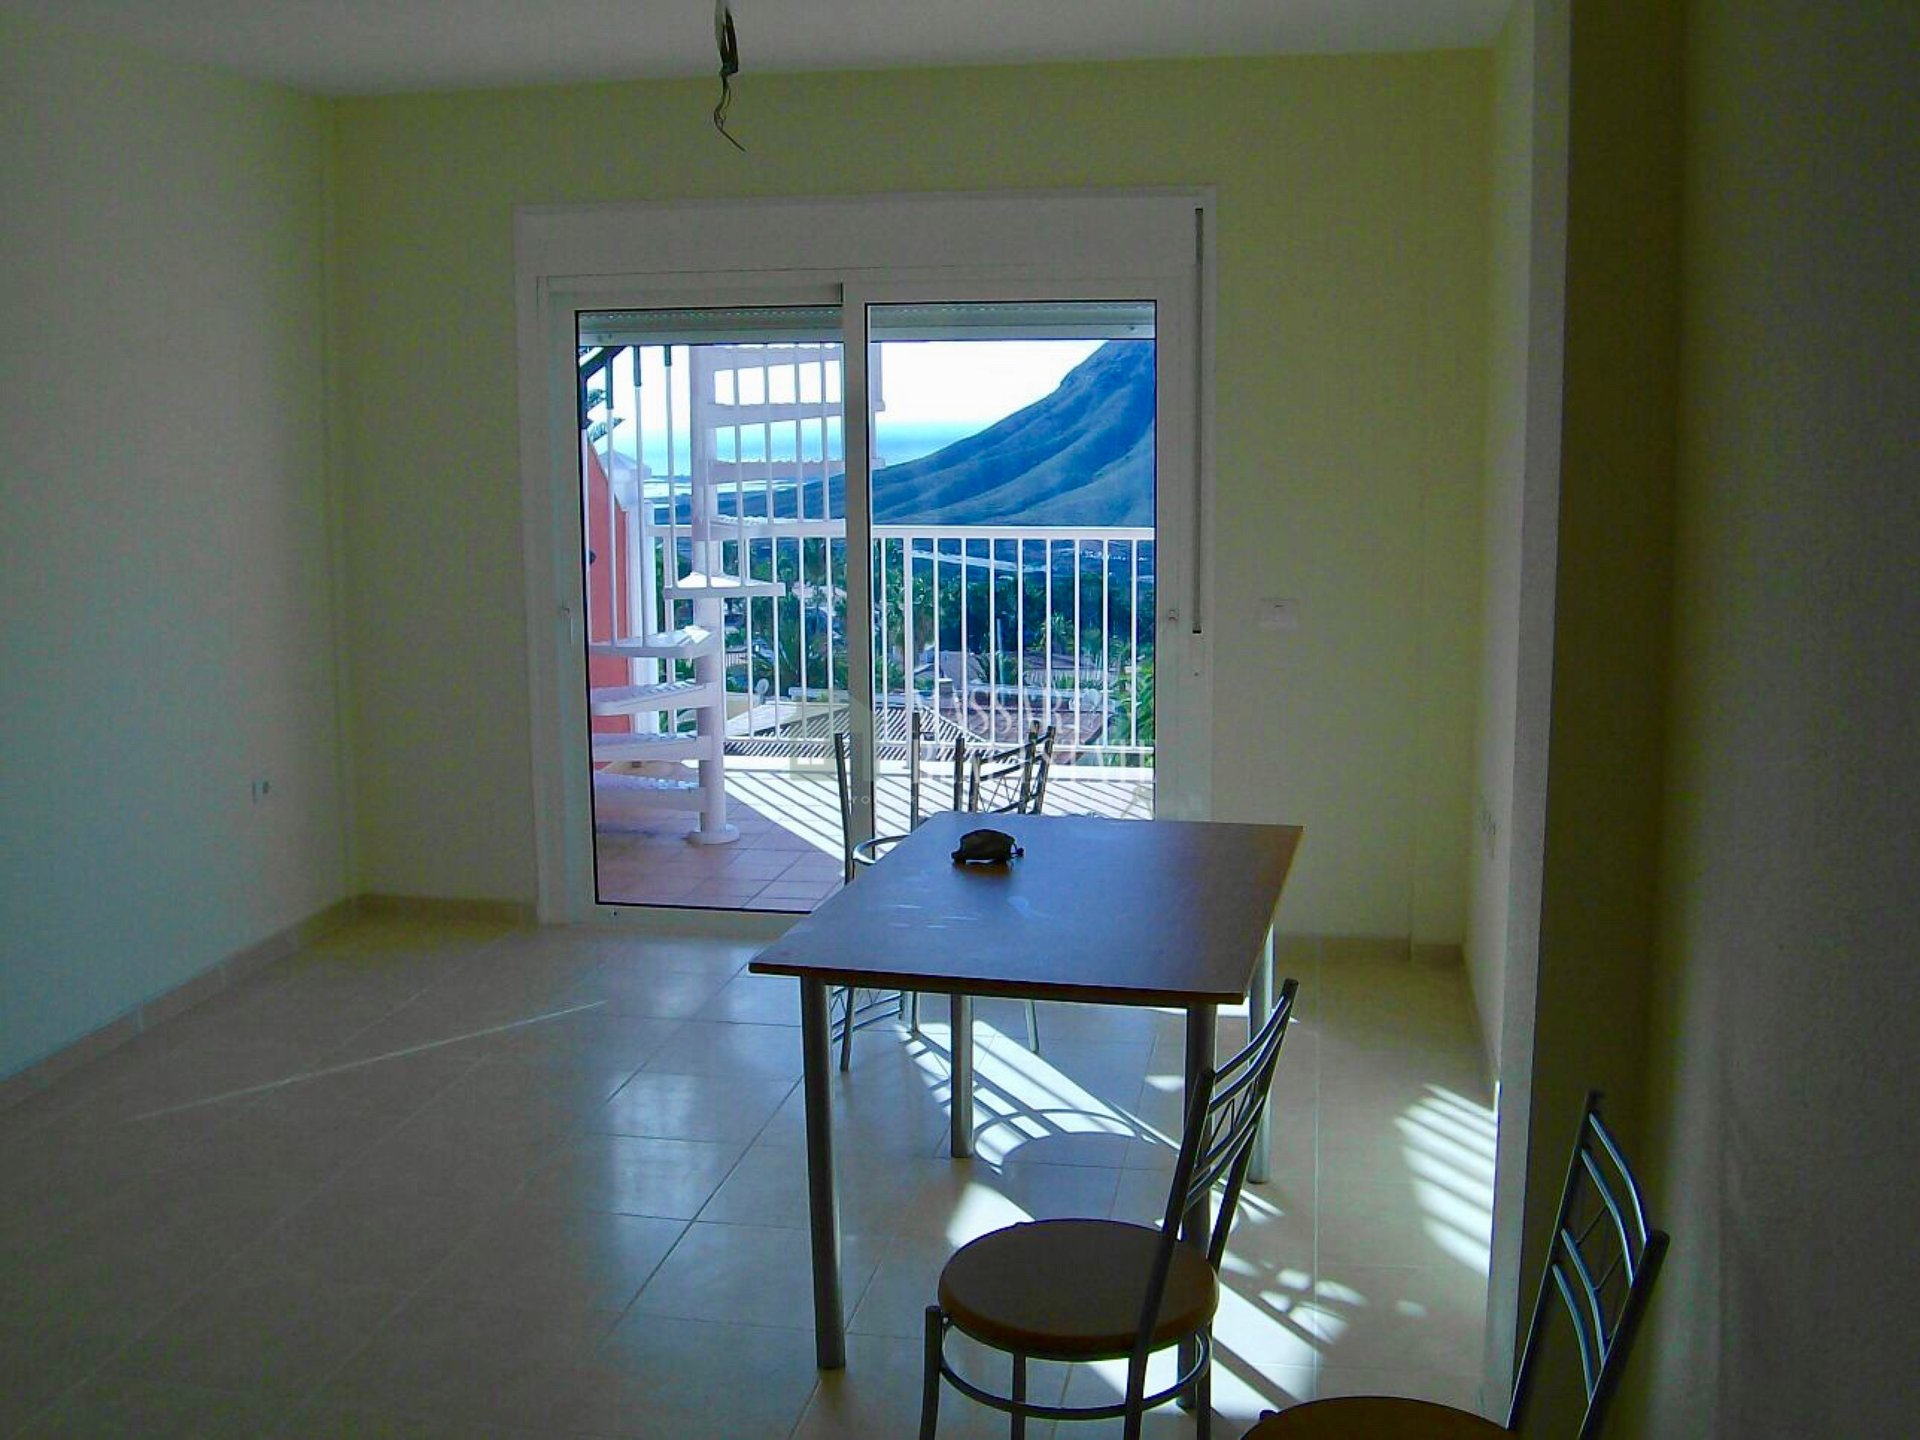 For sale in Chayofa (Arona), bright attic of 52 m2.